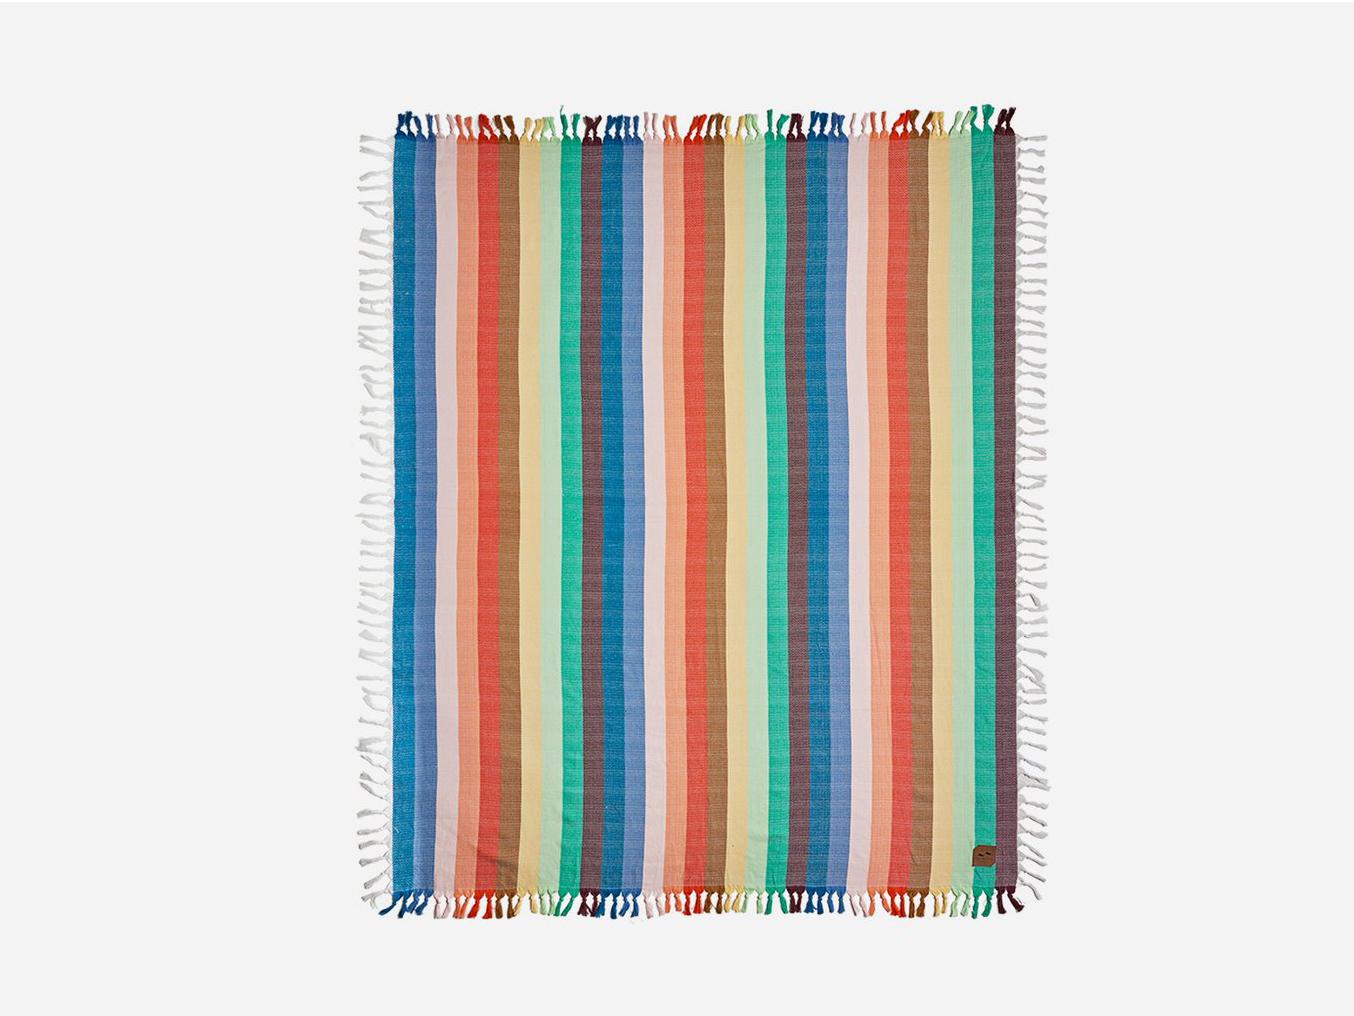 Best Throw Blankets - Slowtide Zeppelin Blanket